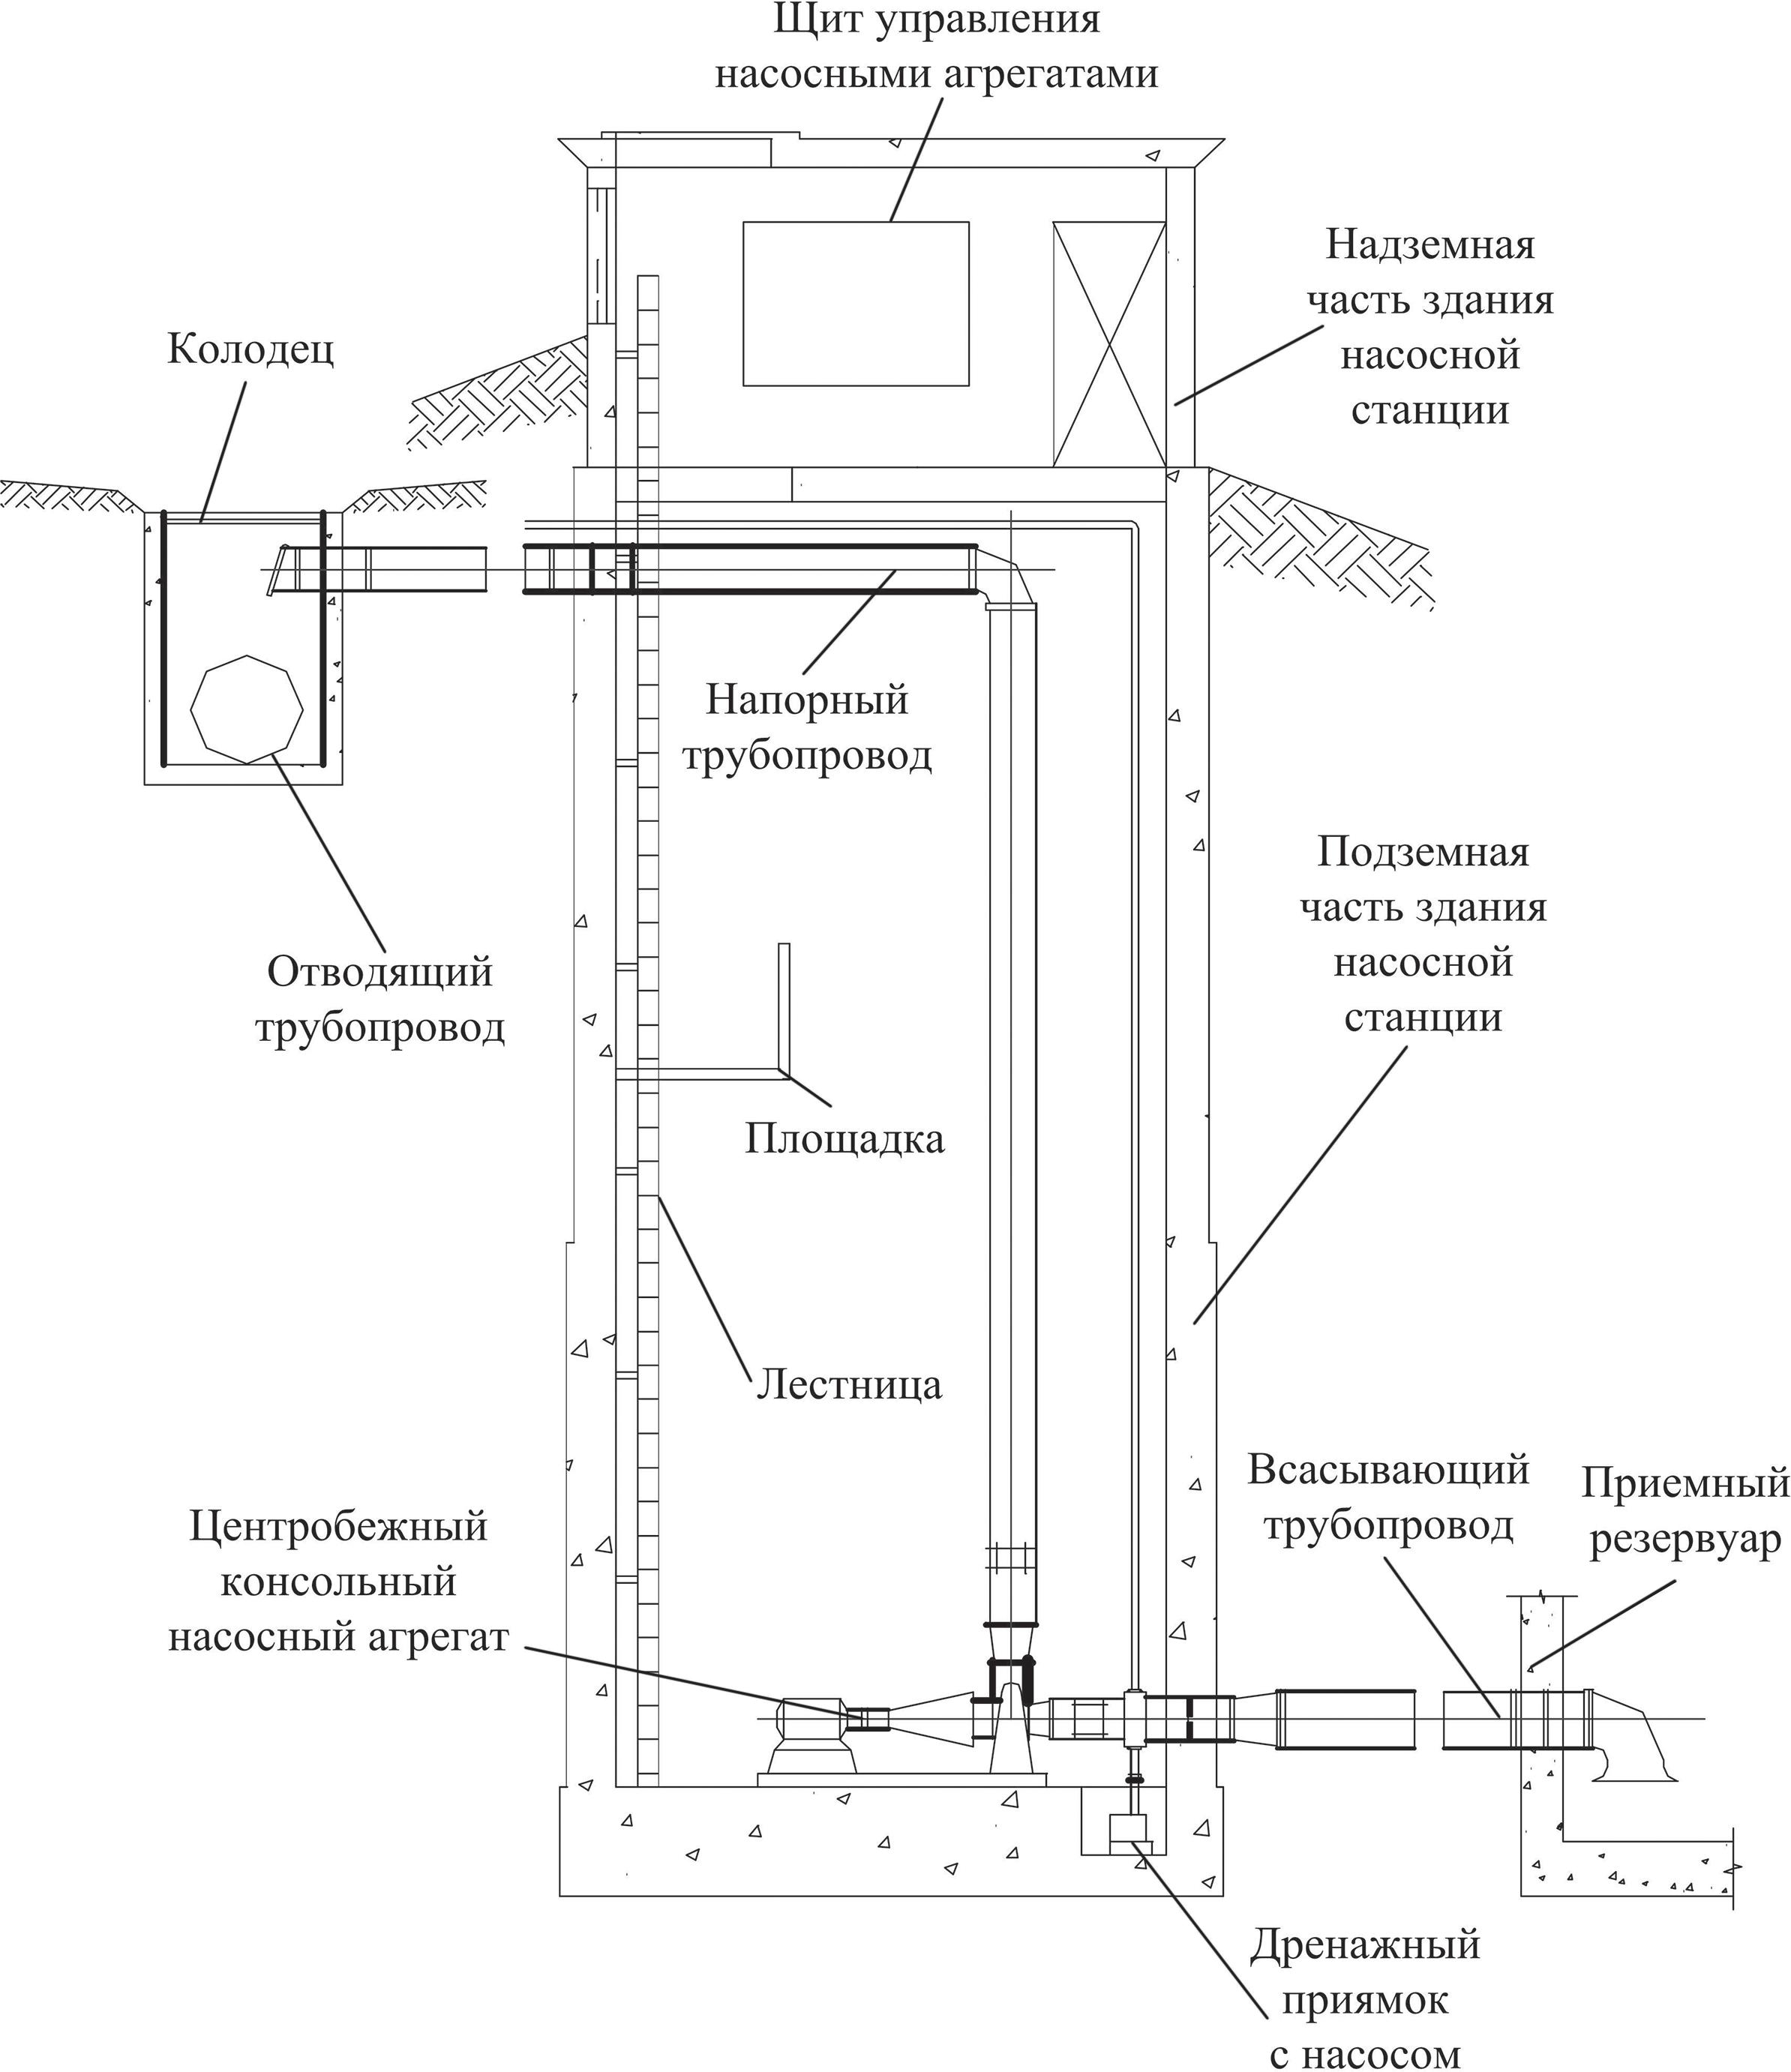 Разрез насосной станции, оснащенной горизонтальным центробежным насосным агрегатом